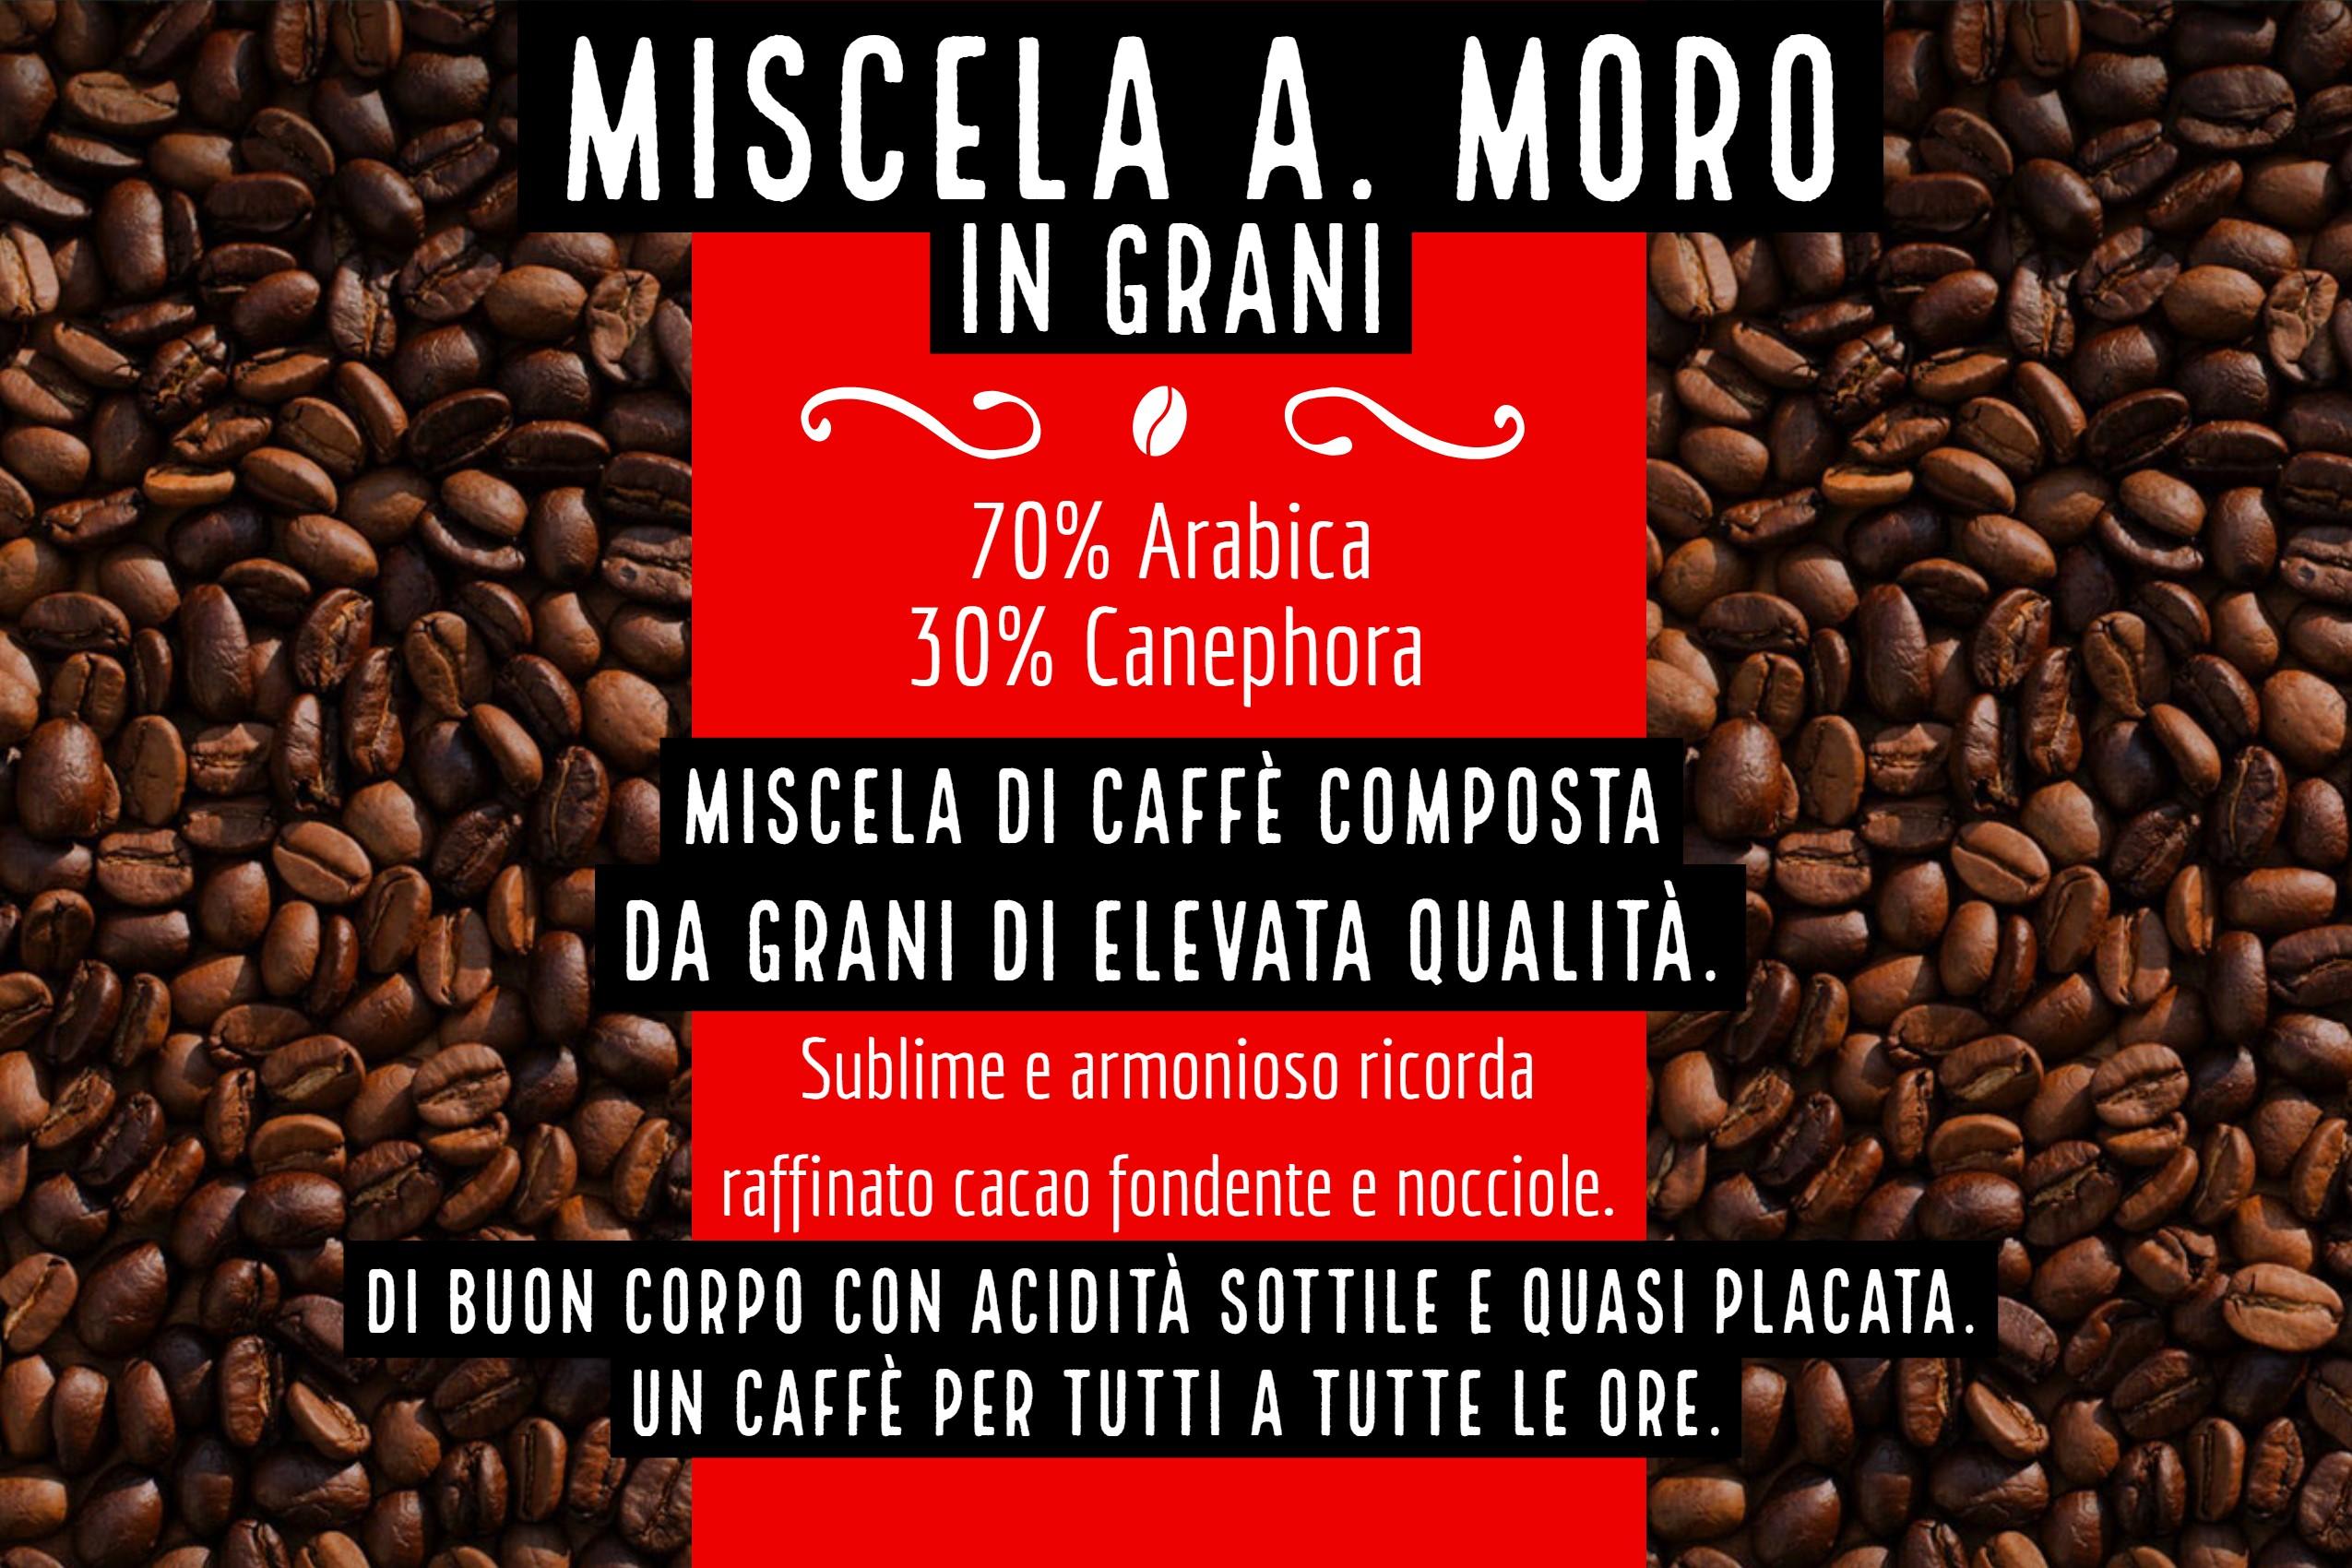 Caffè Moro cosa facciamo